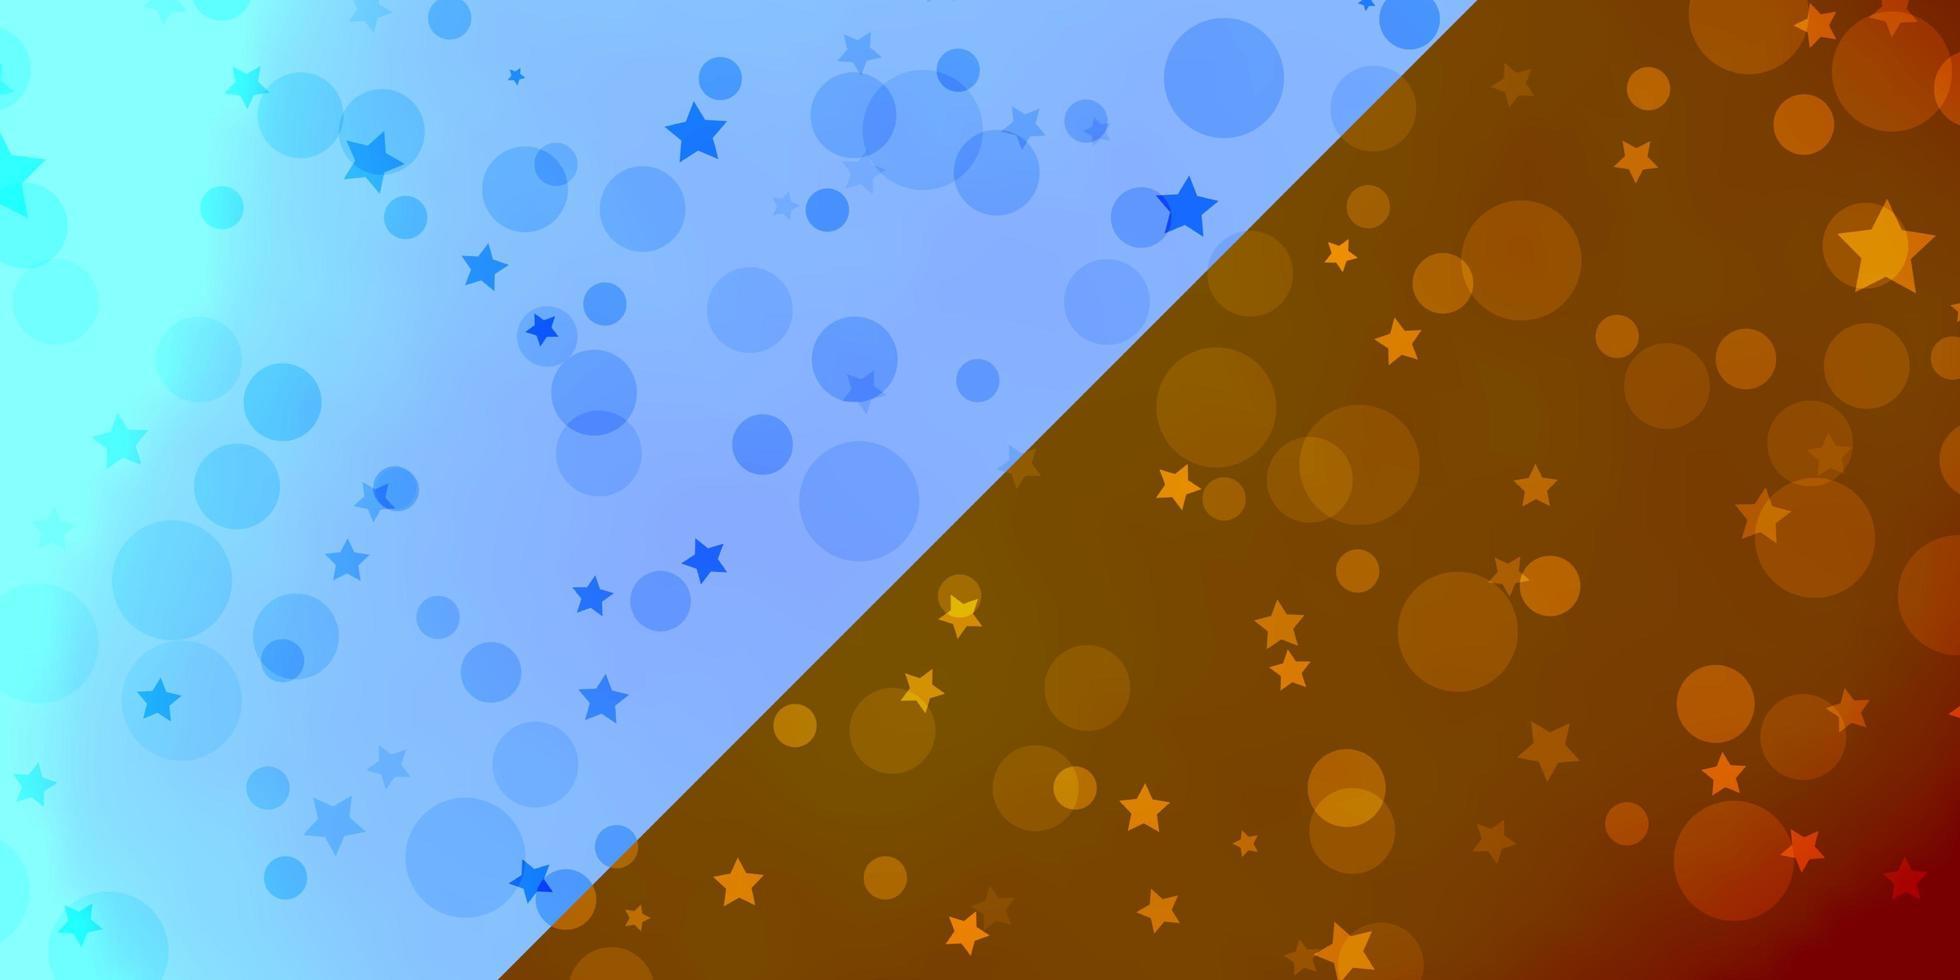 modello vettoriale con cerchi, stelle.